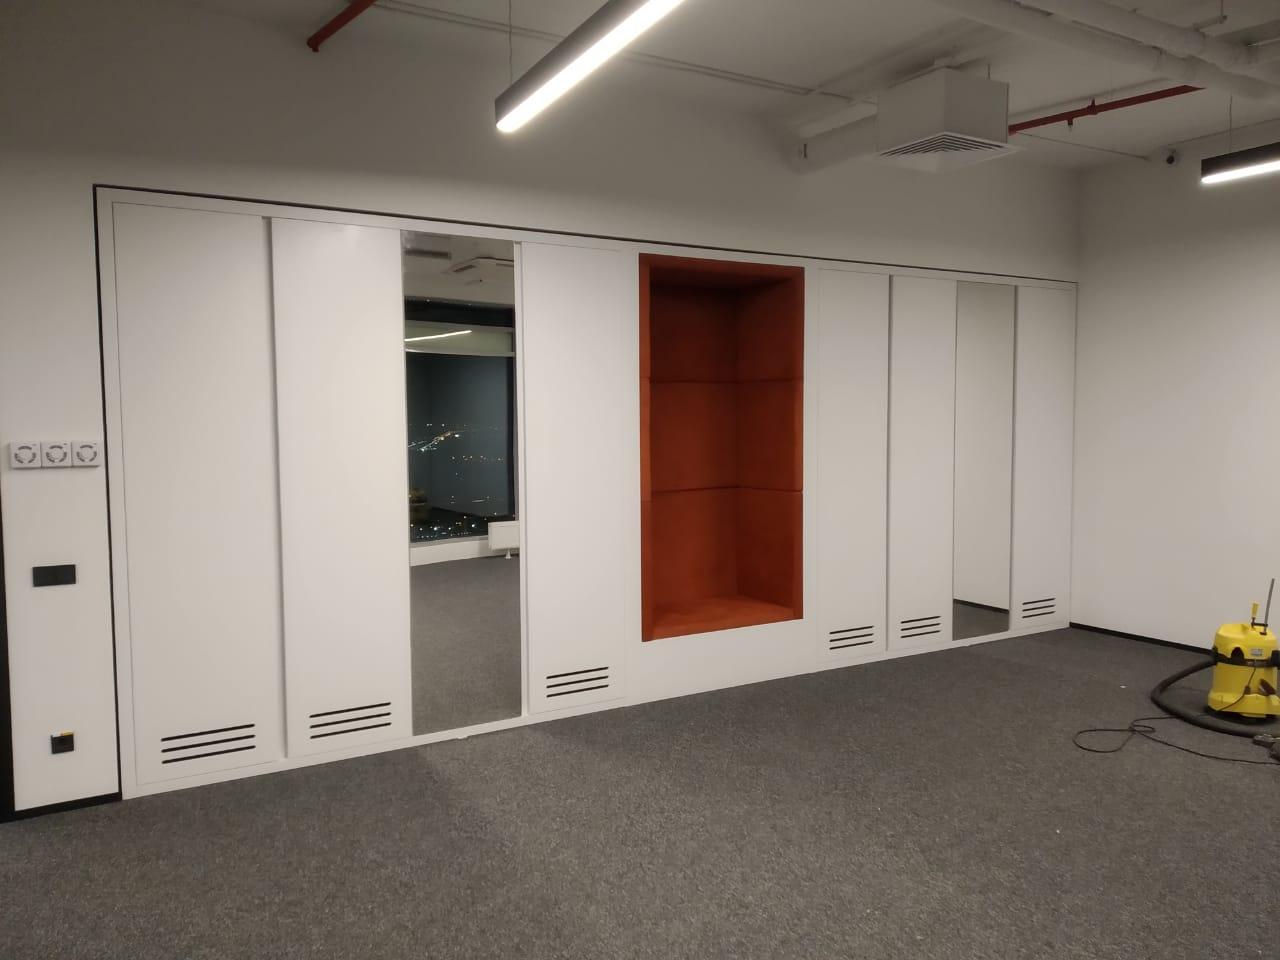 Встроенные шкафы с рабочей зоной